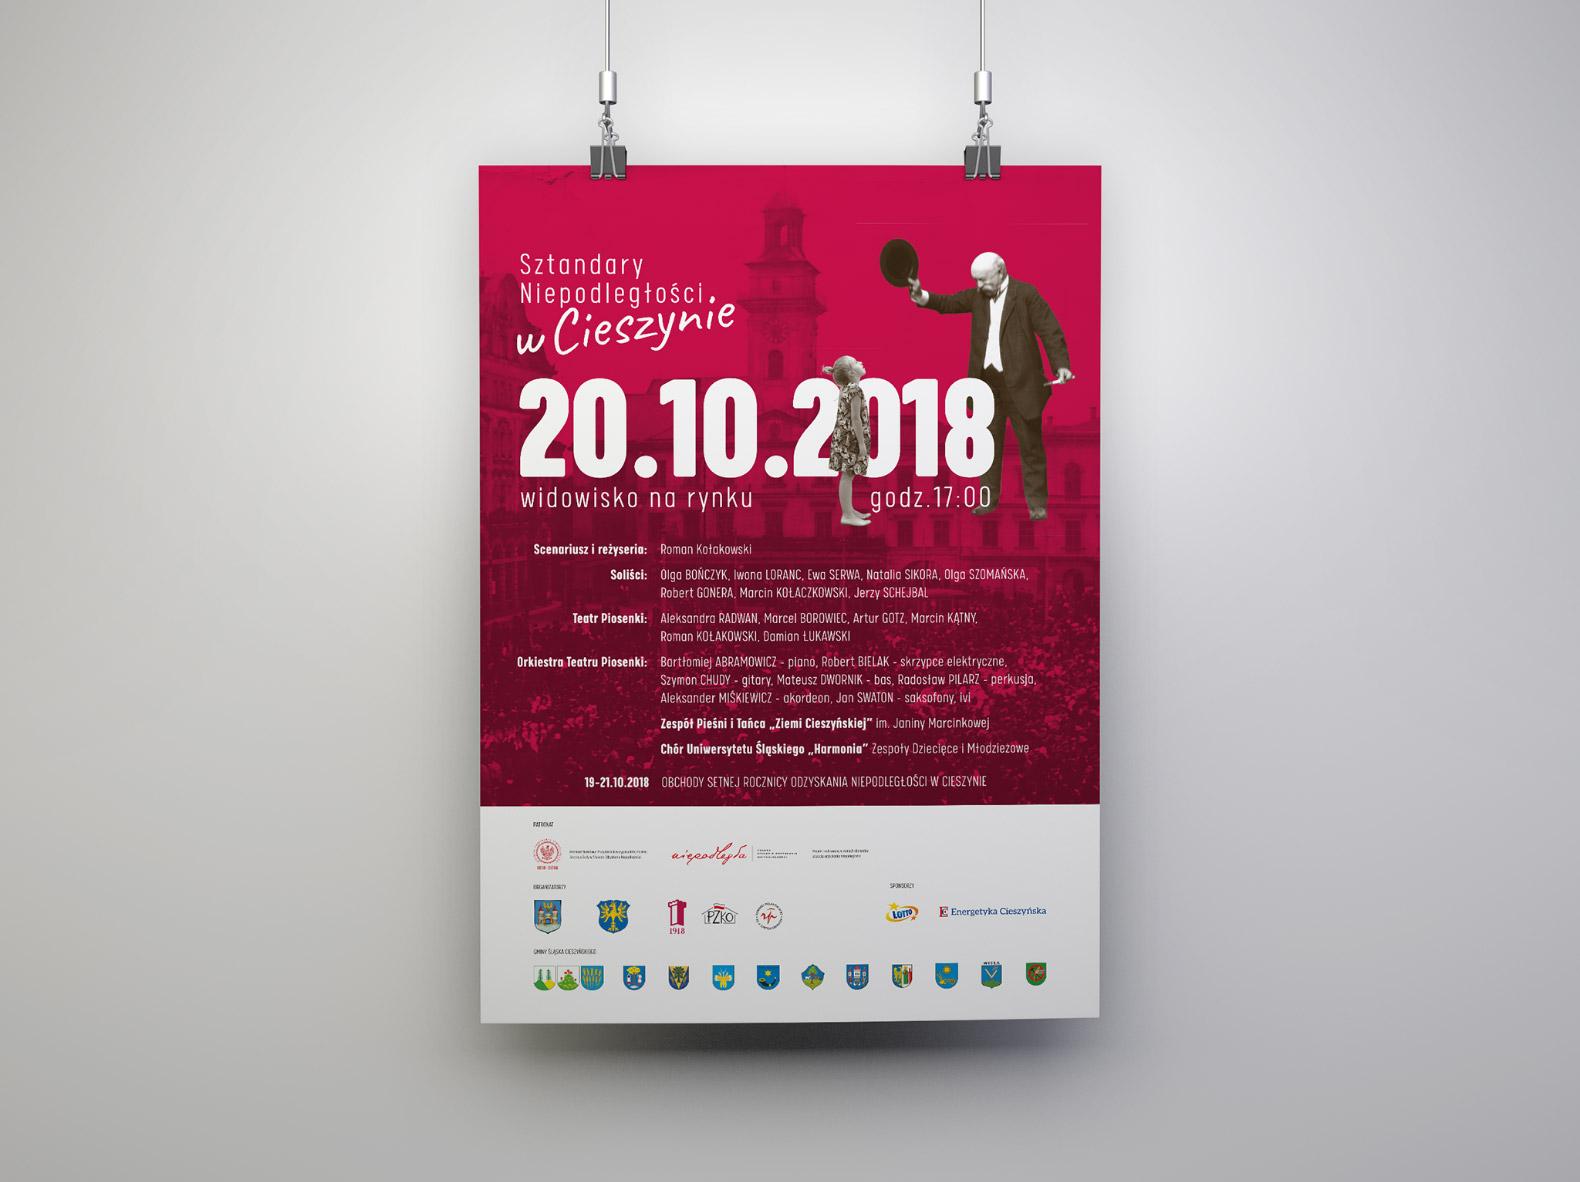 Sztandary Niepodległości w Cieszynie – plakat